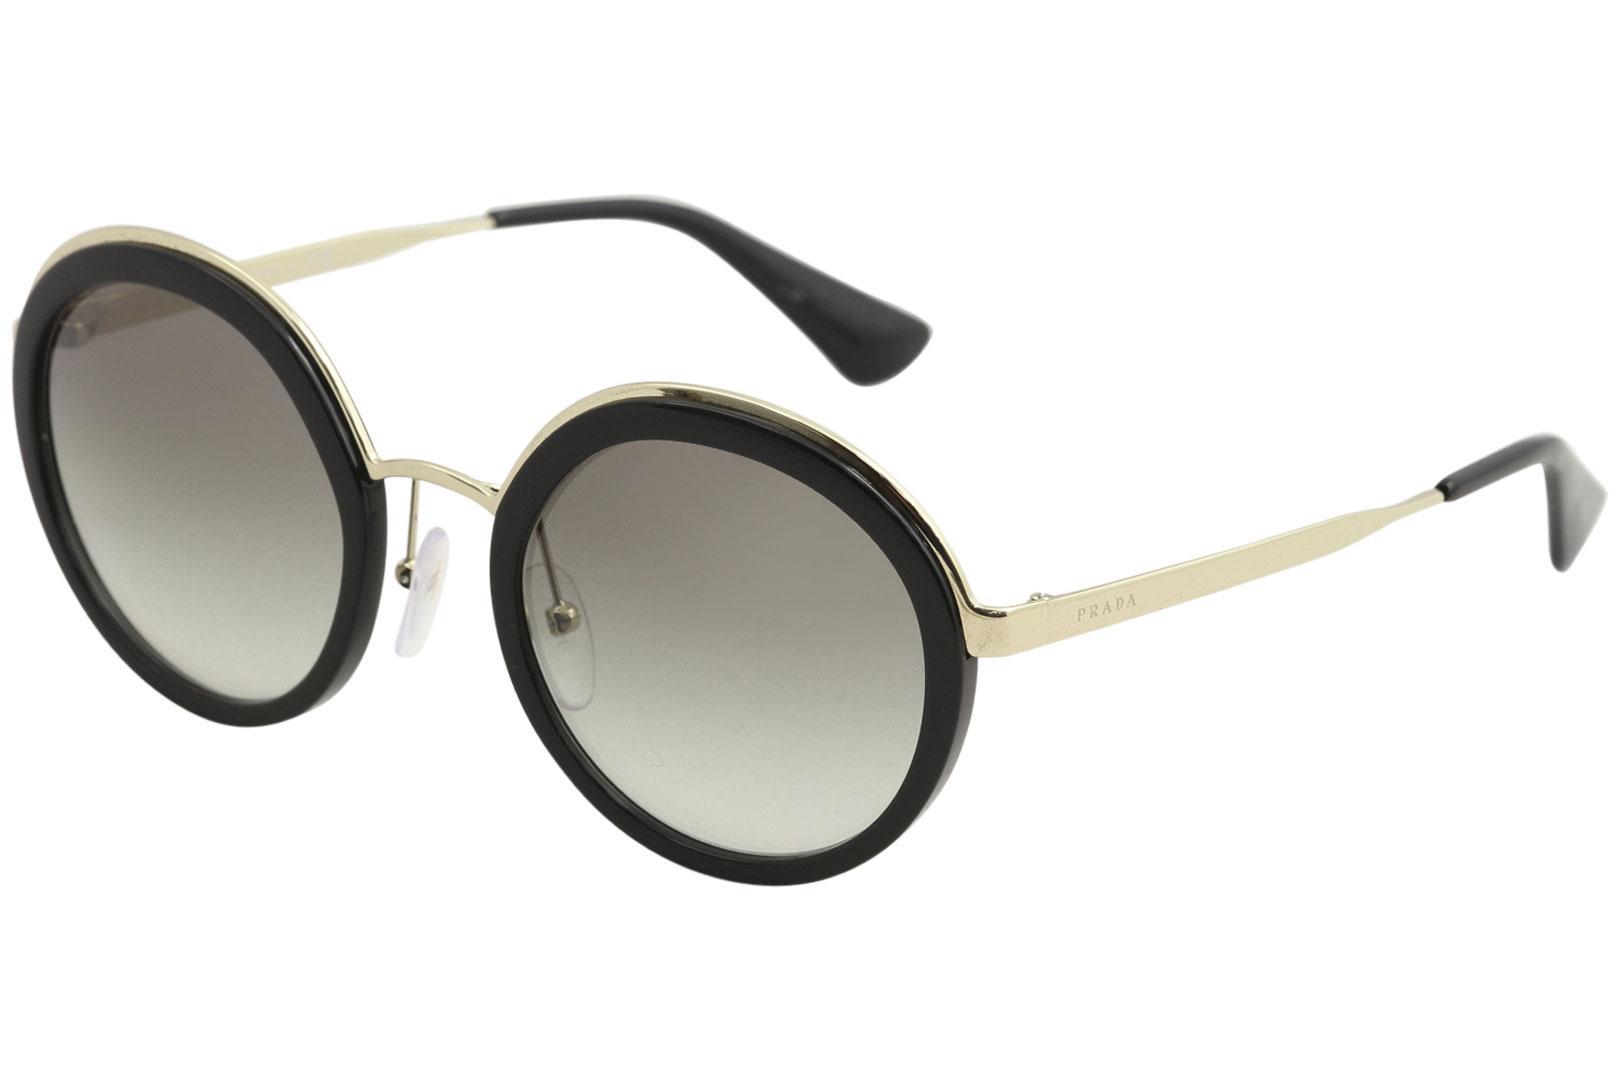 aaf49dcd8243 ... denmark prada womens spr50t spr 50 t fashion round sunglasses by prada  b5971 8c2c1